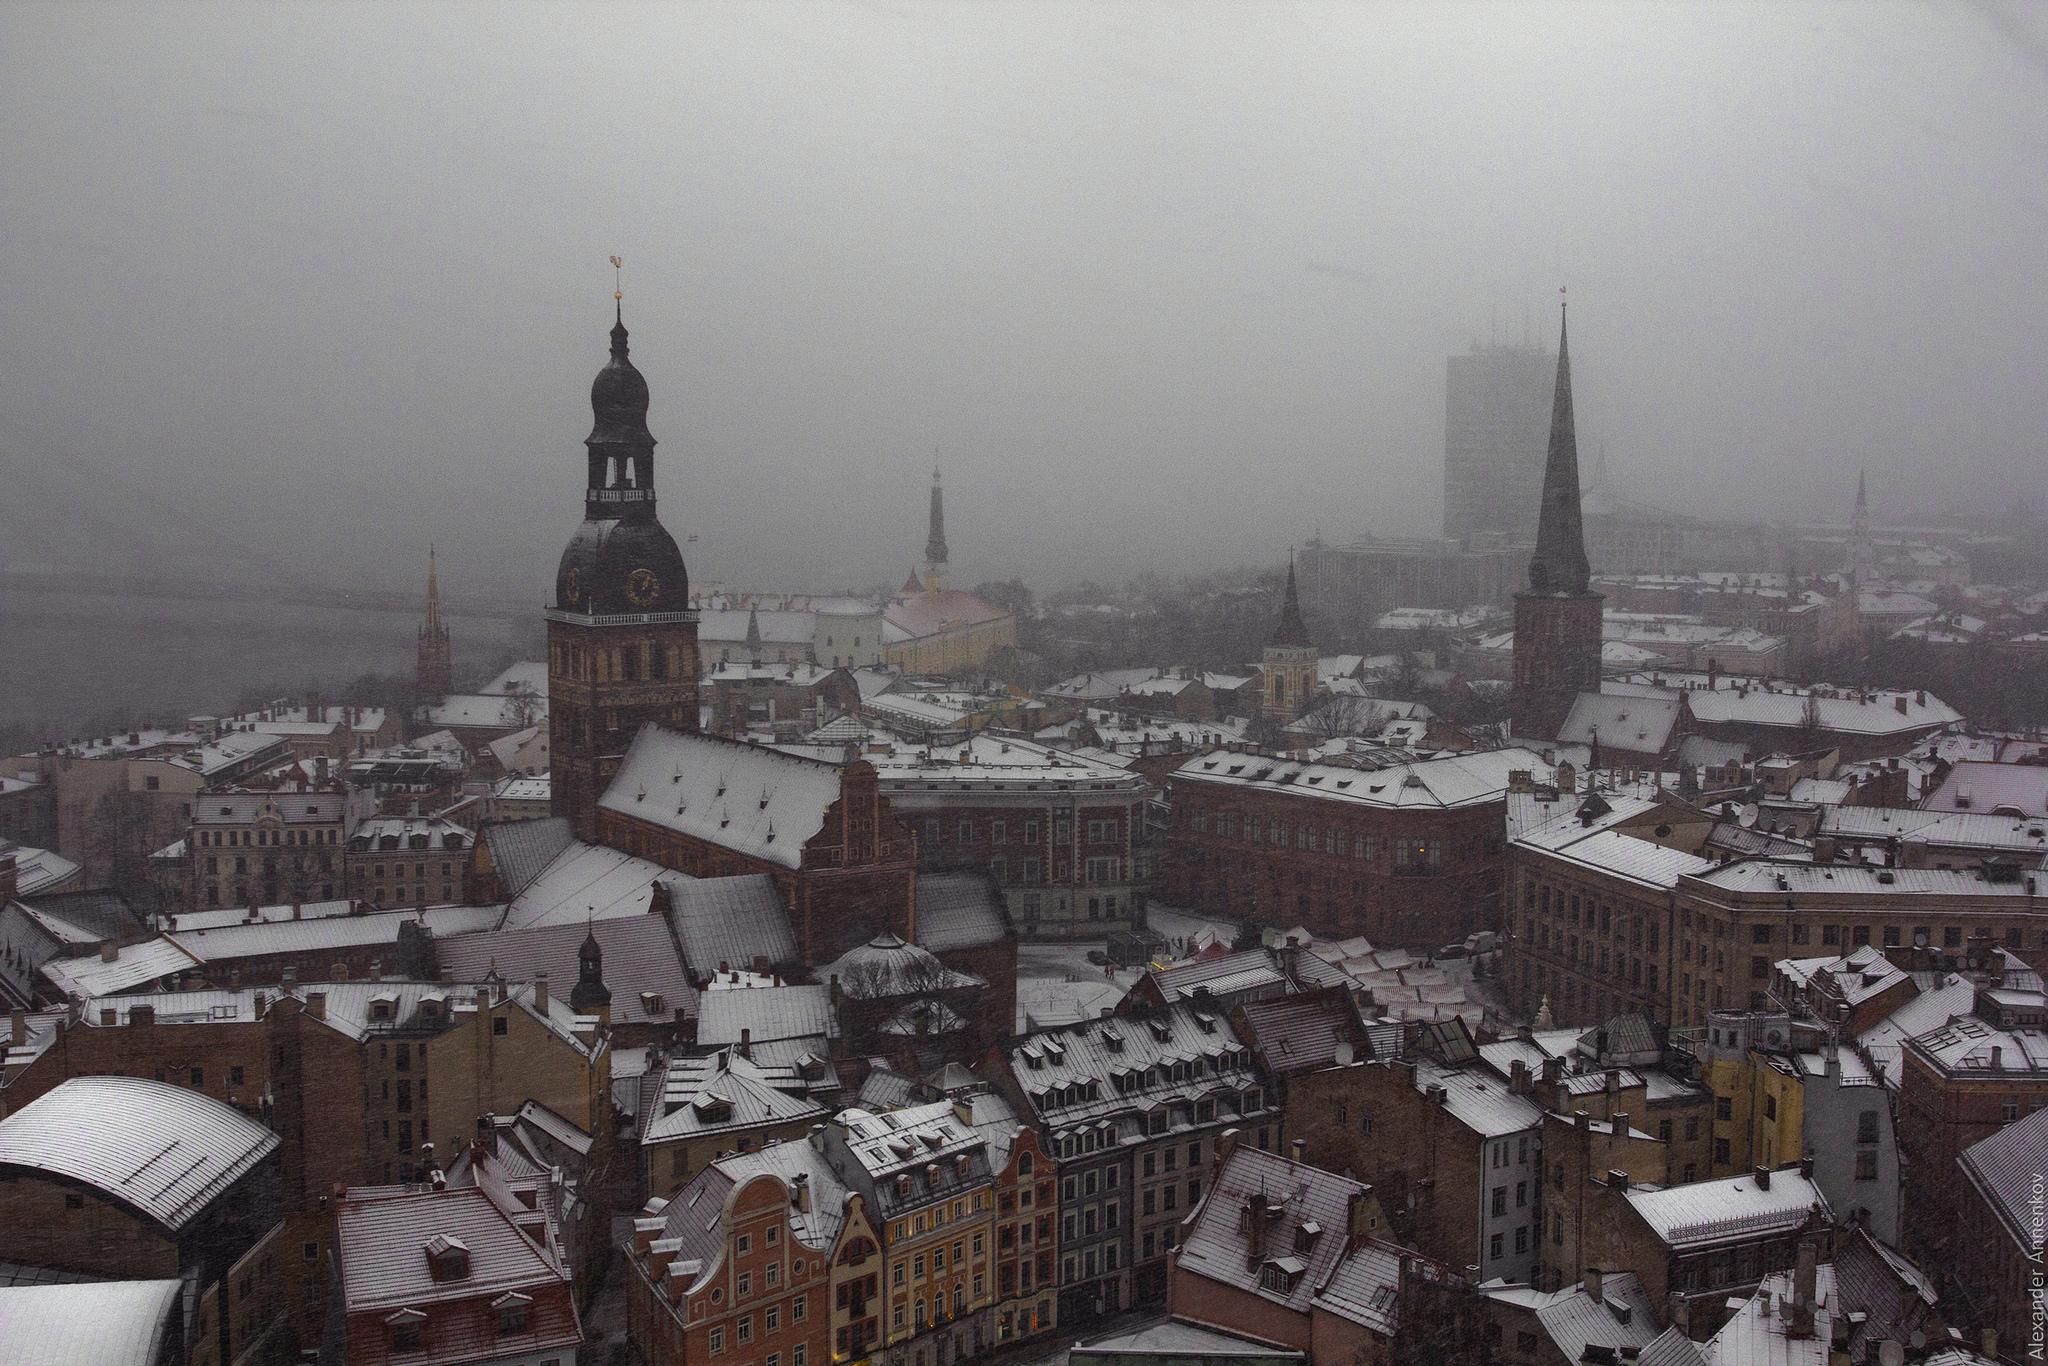 Stormy Riga by Alexander Annenkov